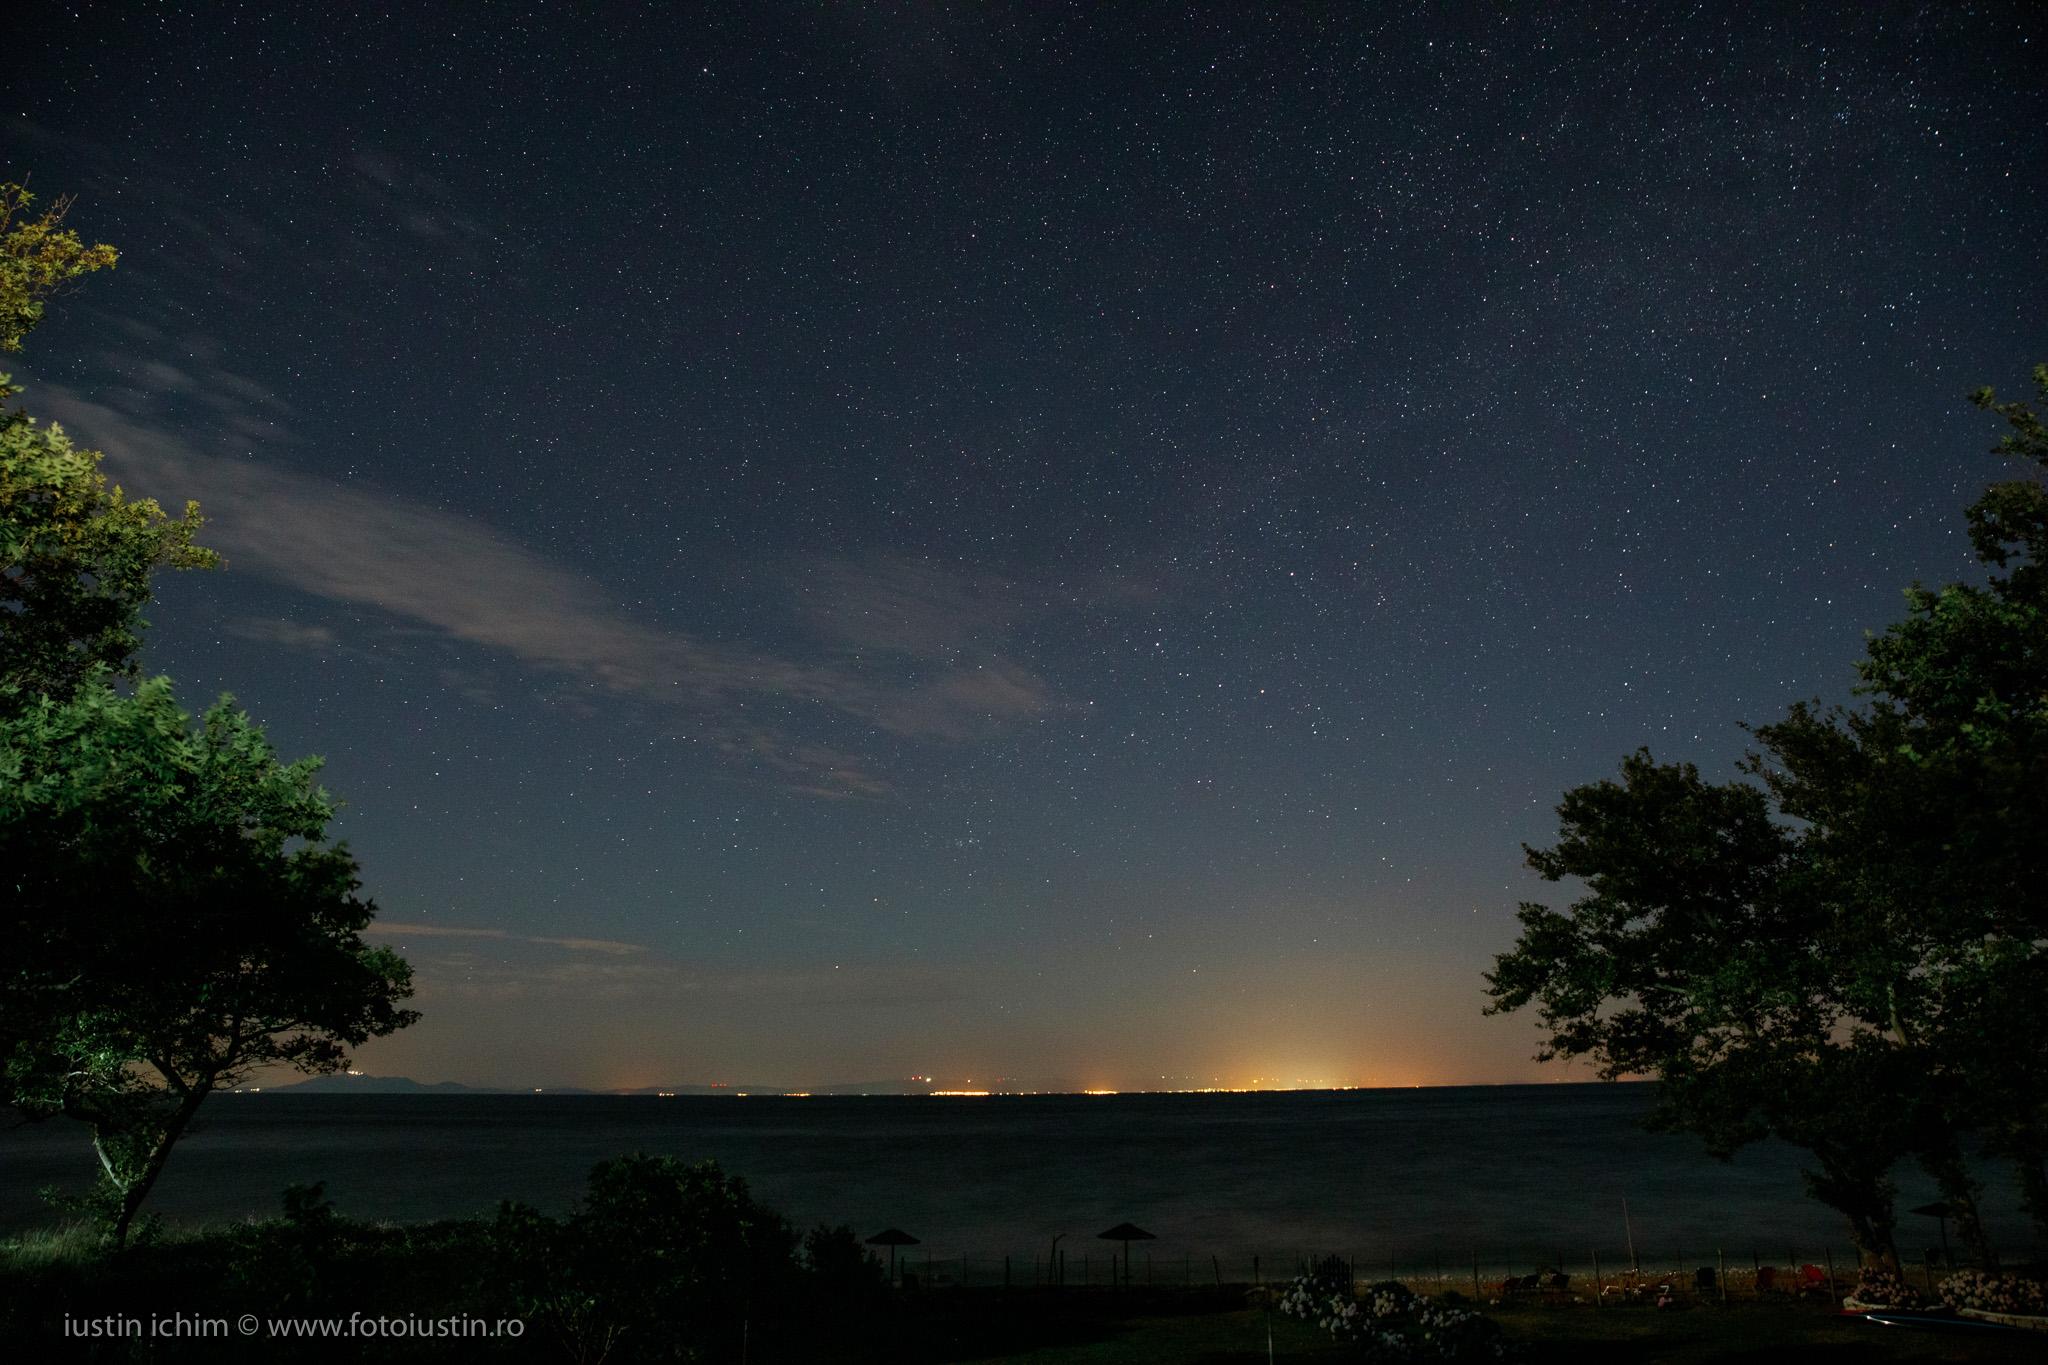 Seară plină de stele